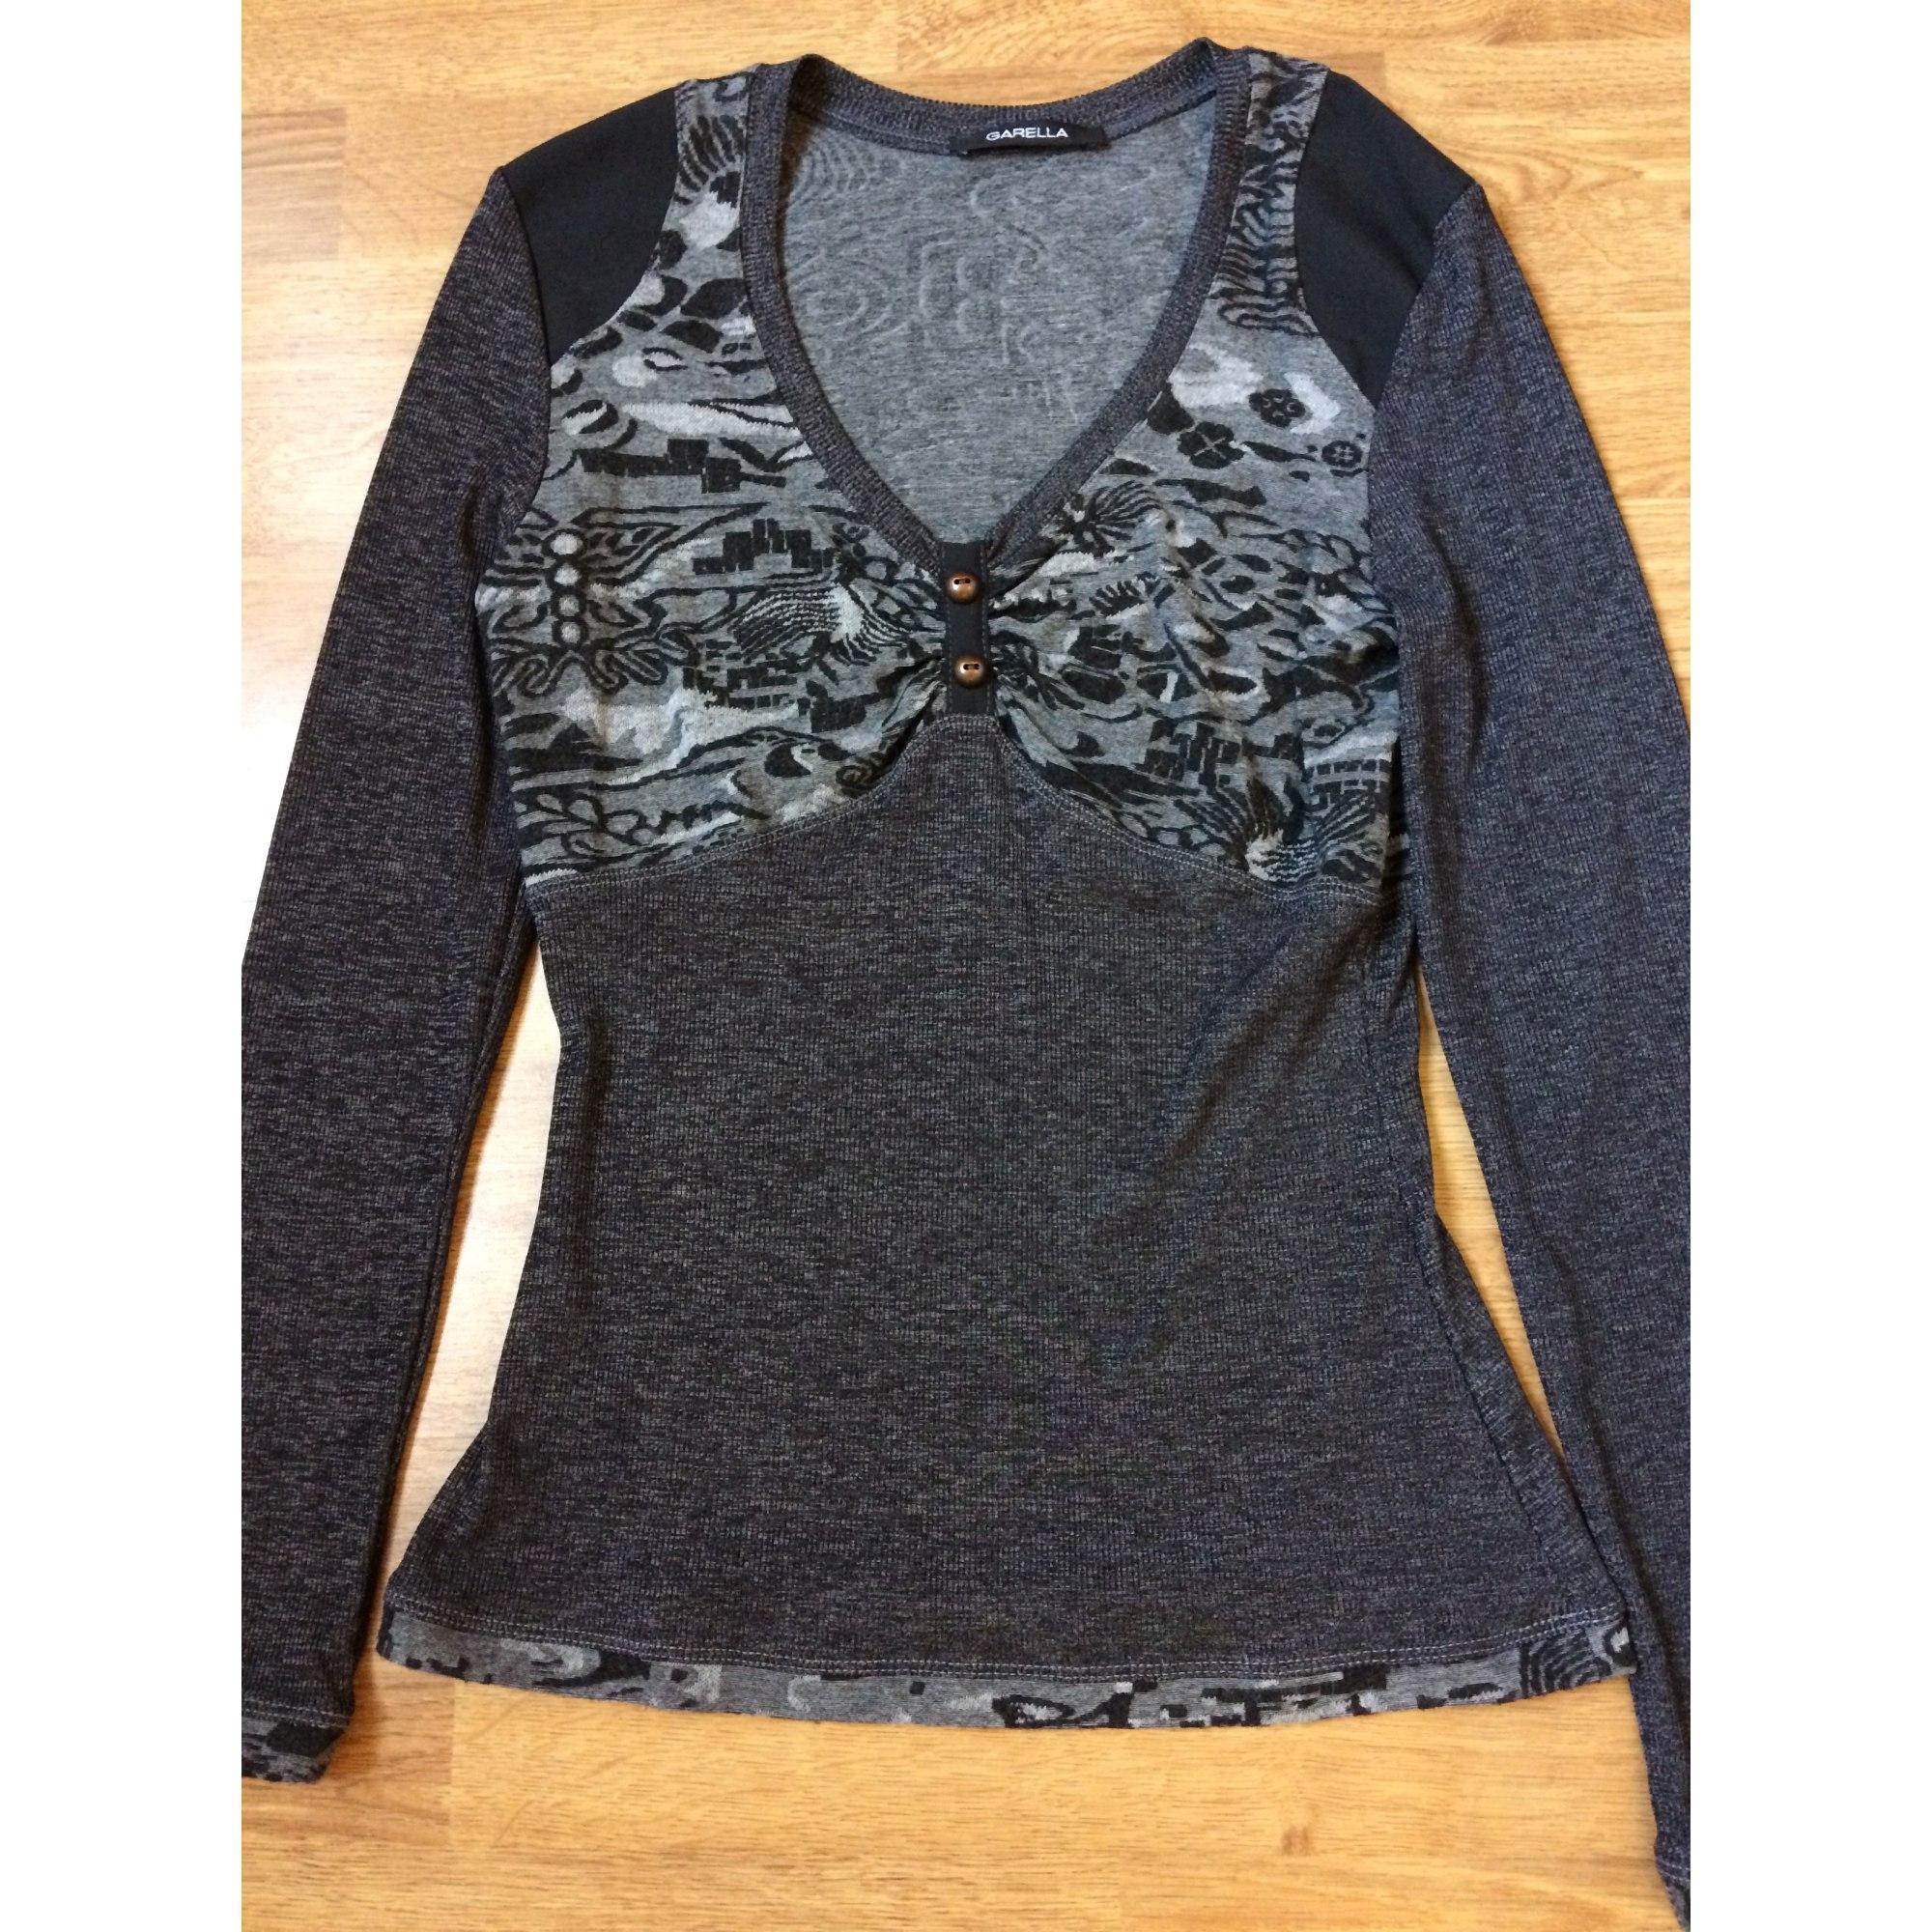 Top, tee-shirt GARELLA Gris, anthracite